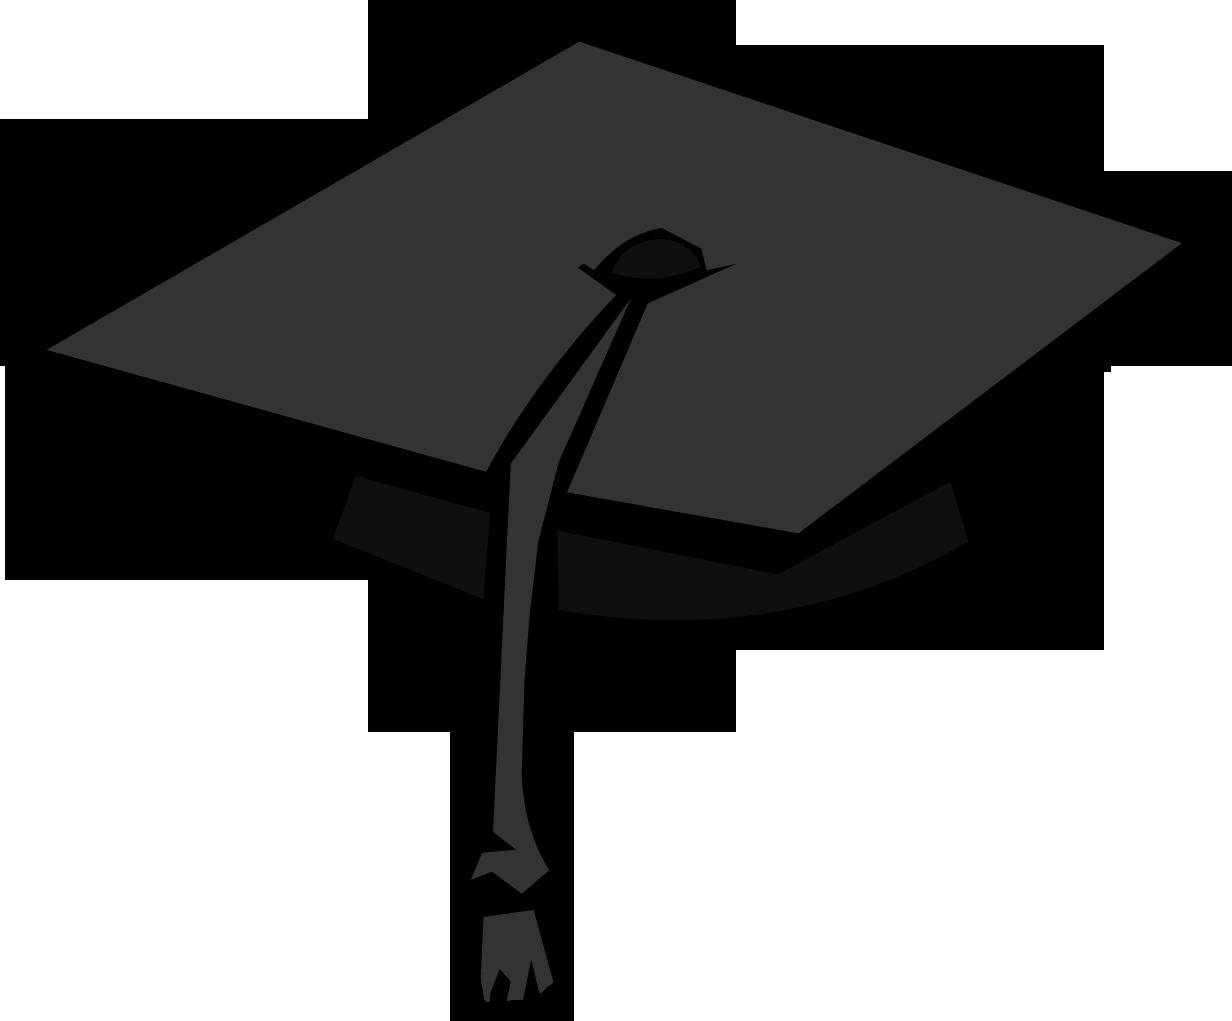 1232x1021 Degree Hat (Graduation Cap) Png Transparent Images Png All